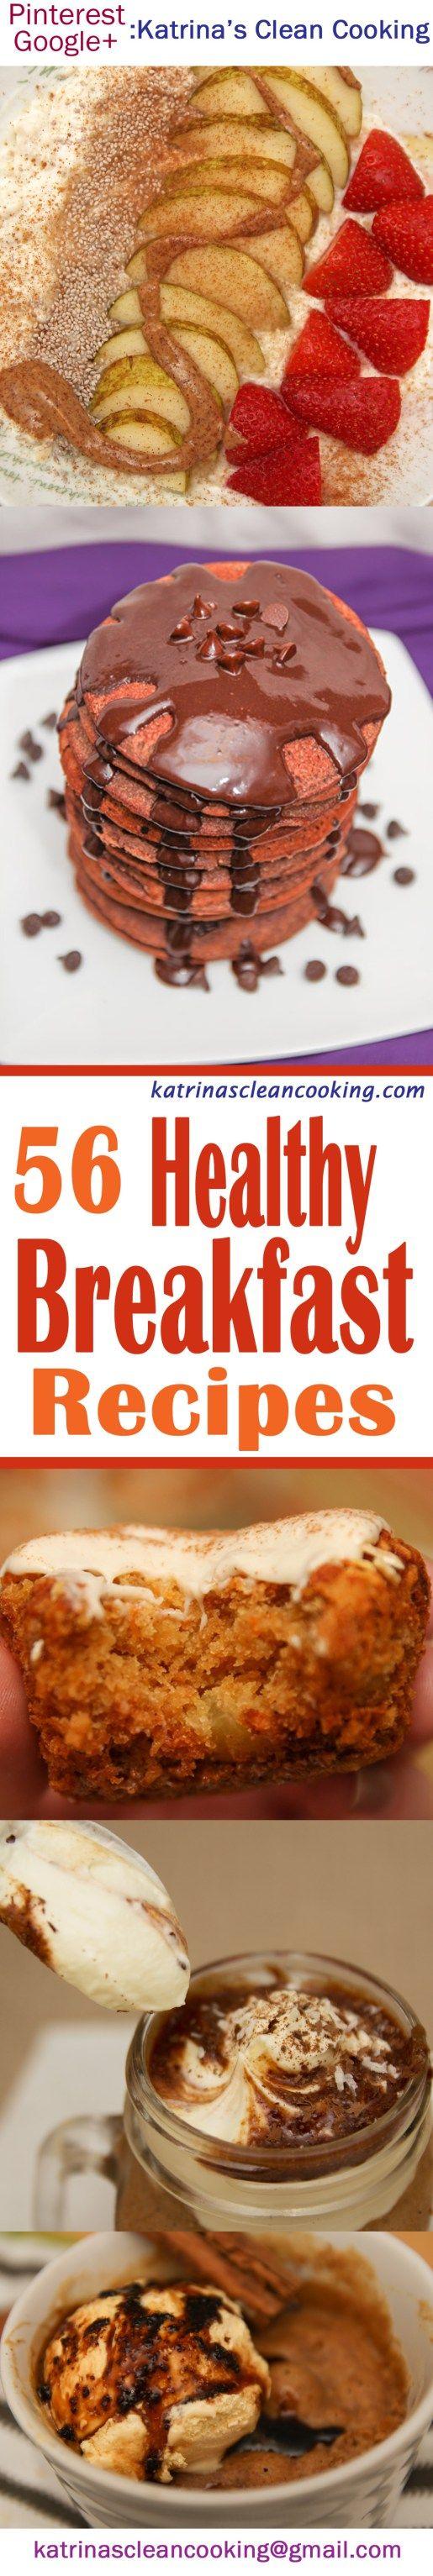 56 Healthy Breakfast recipes #breakfast #healthy